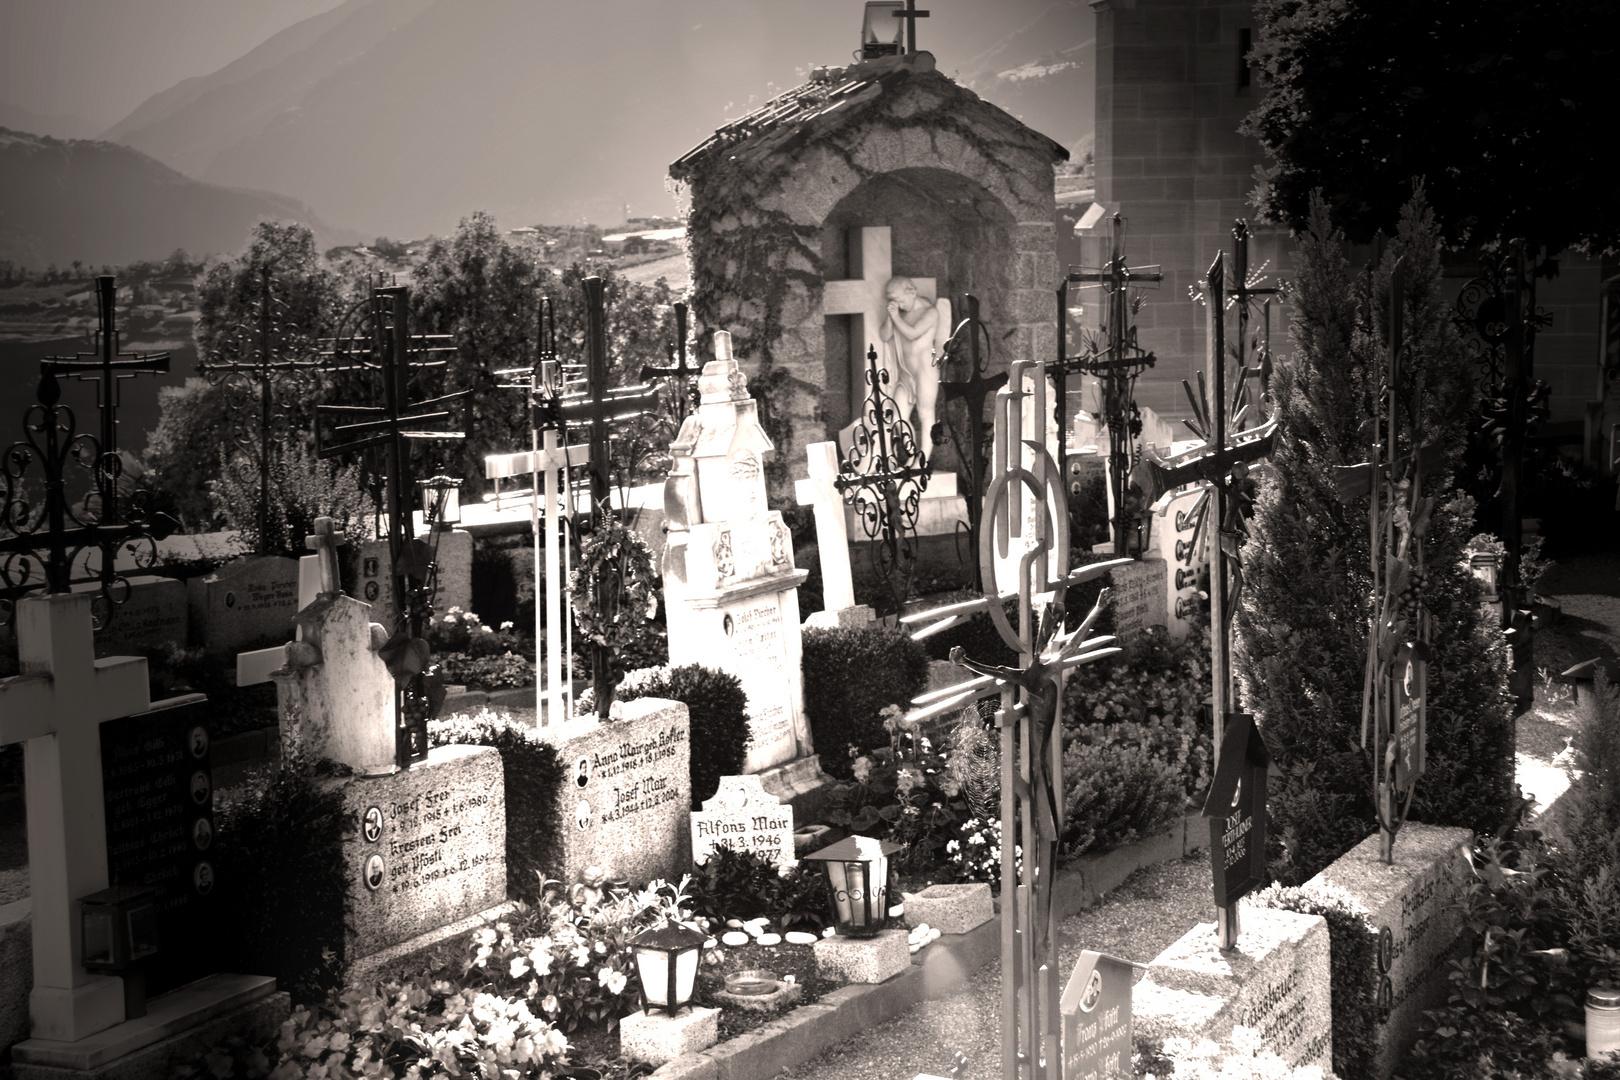 Auf dem Friedhof in Schenna